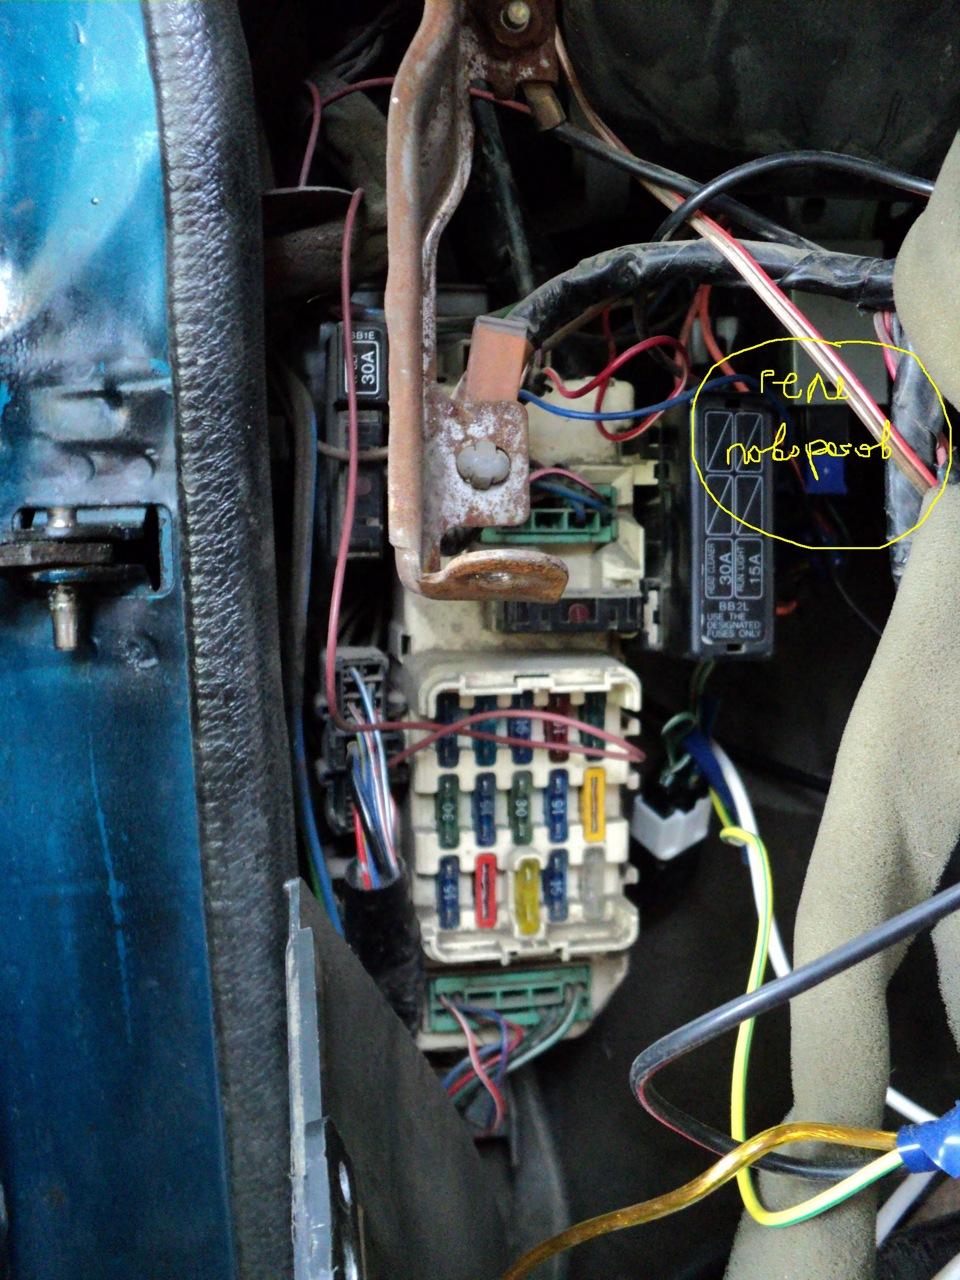 mazda 3 где расположен центральный блок сигнализации